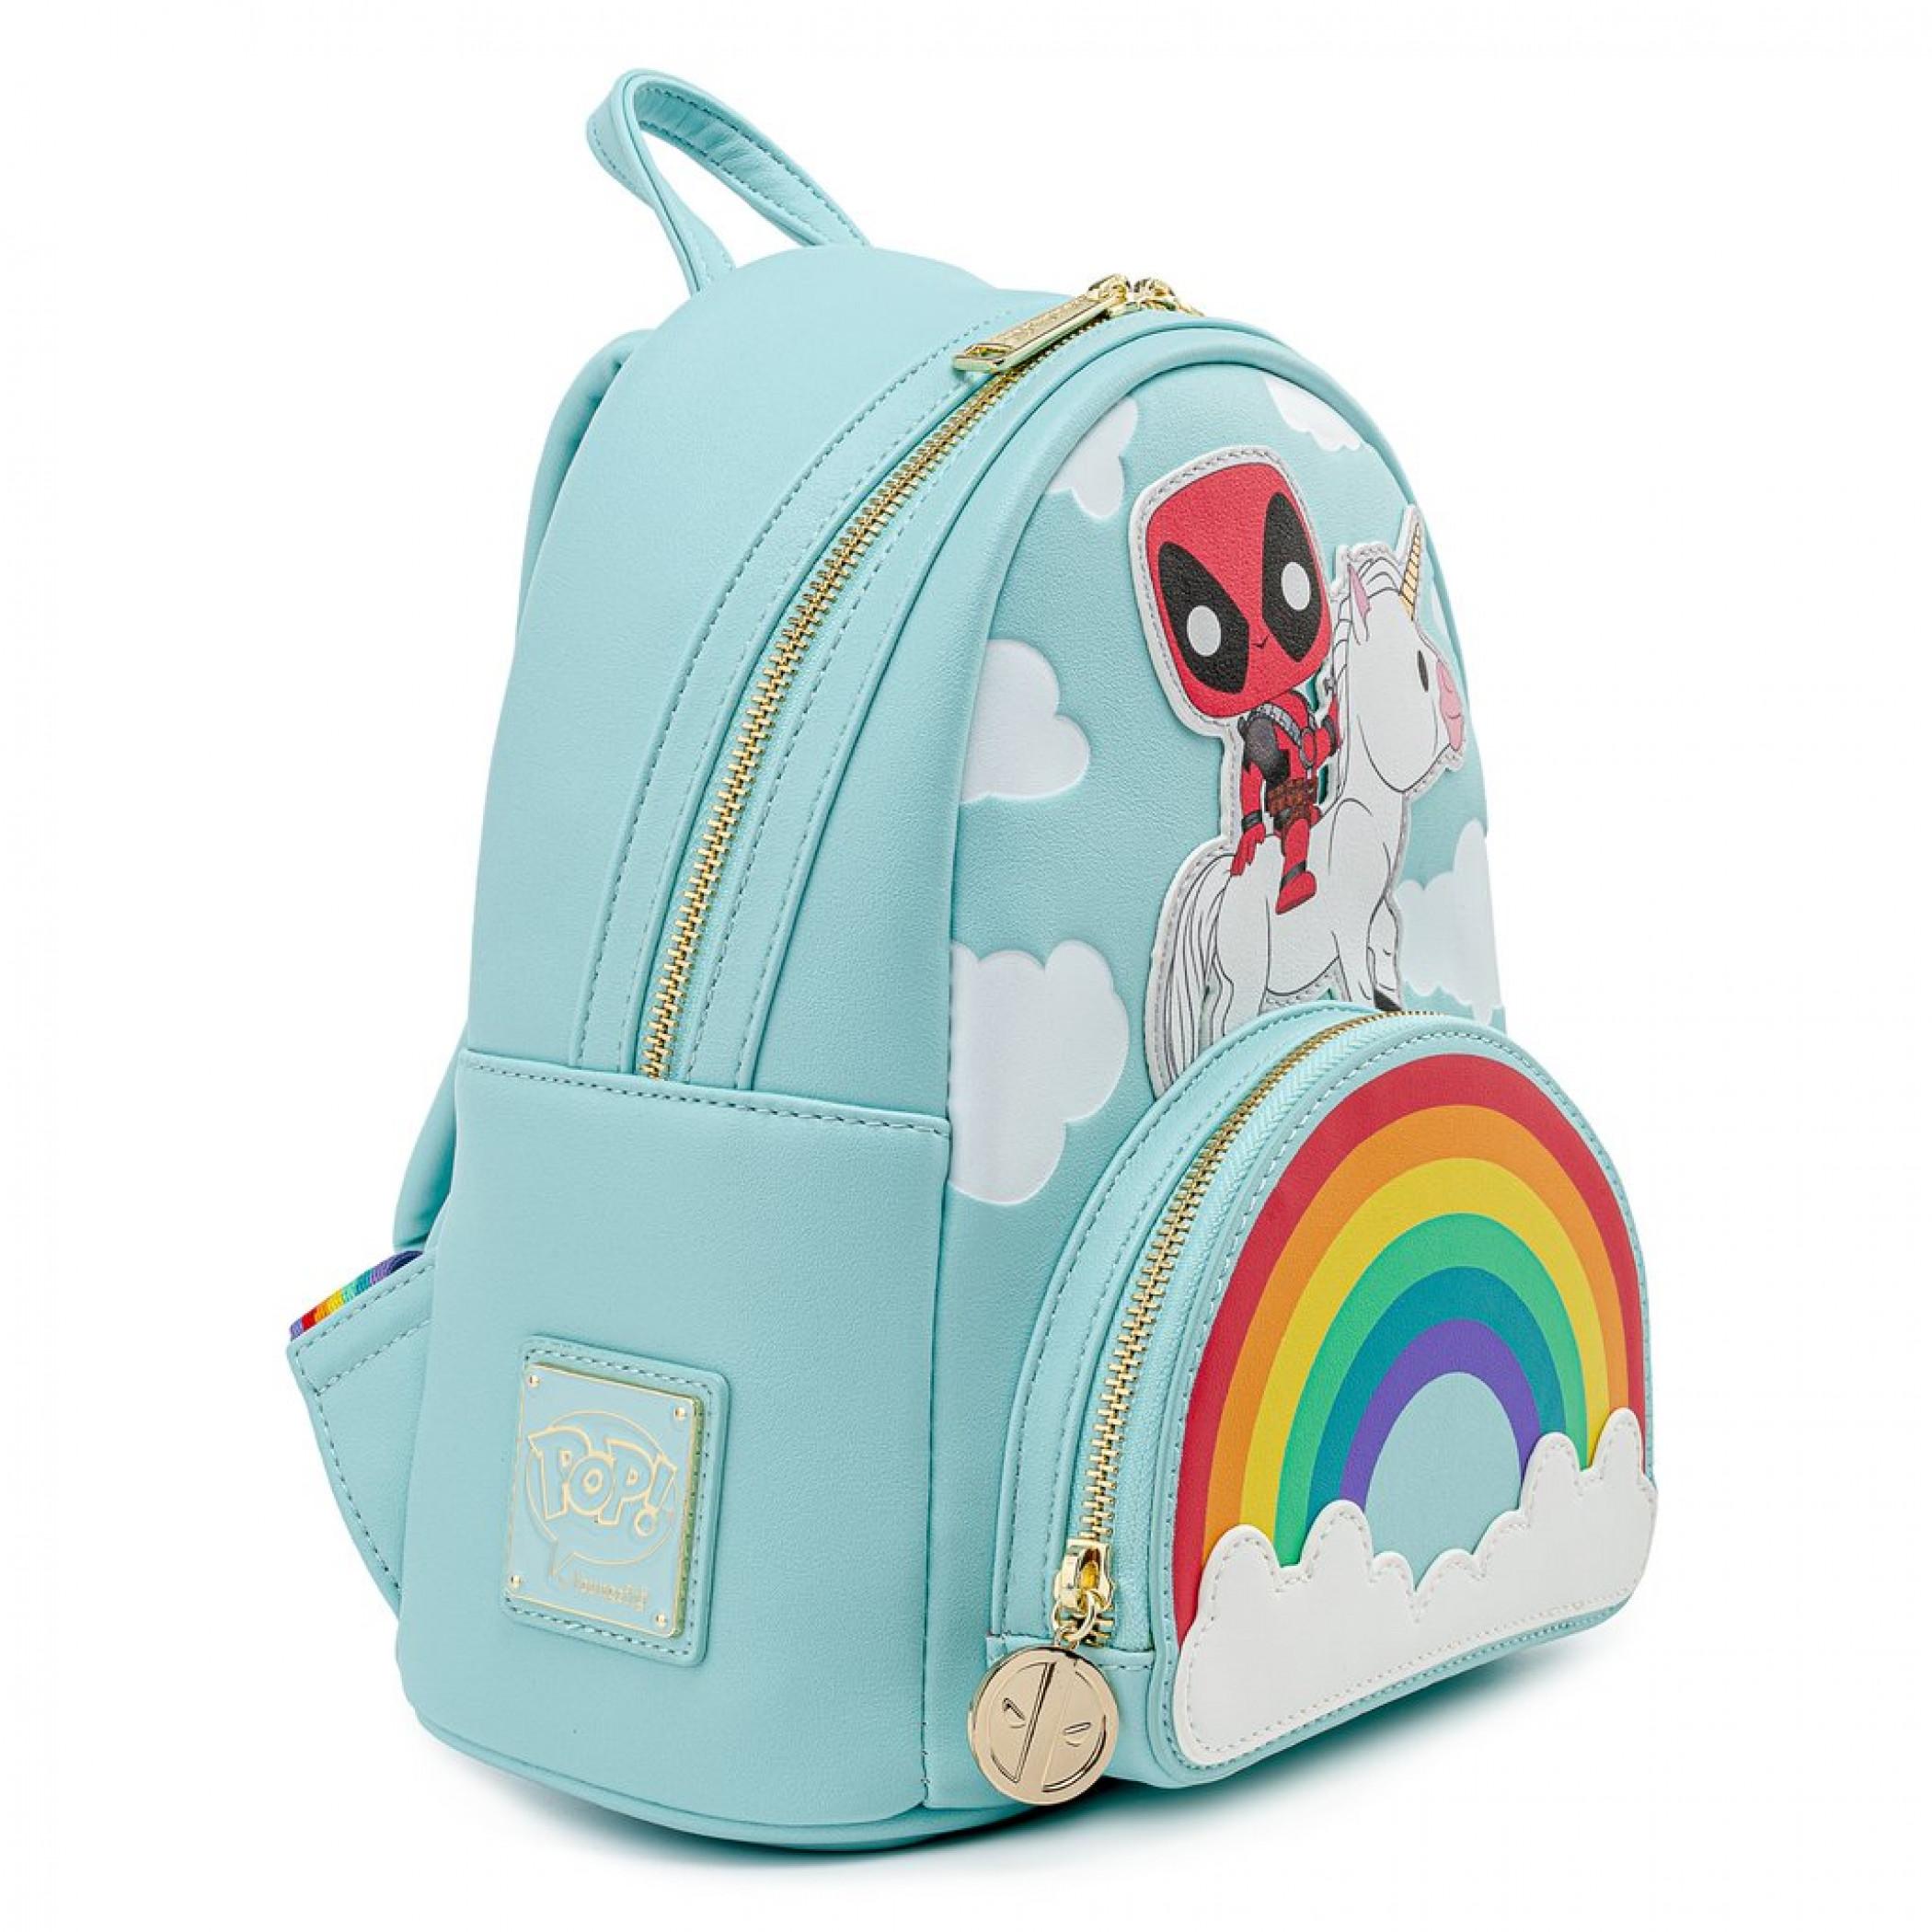 Marvel Deadpool Unicorn Rainbow Mini Backpack by Loungefly